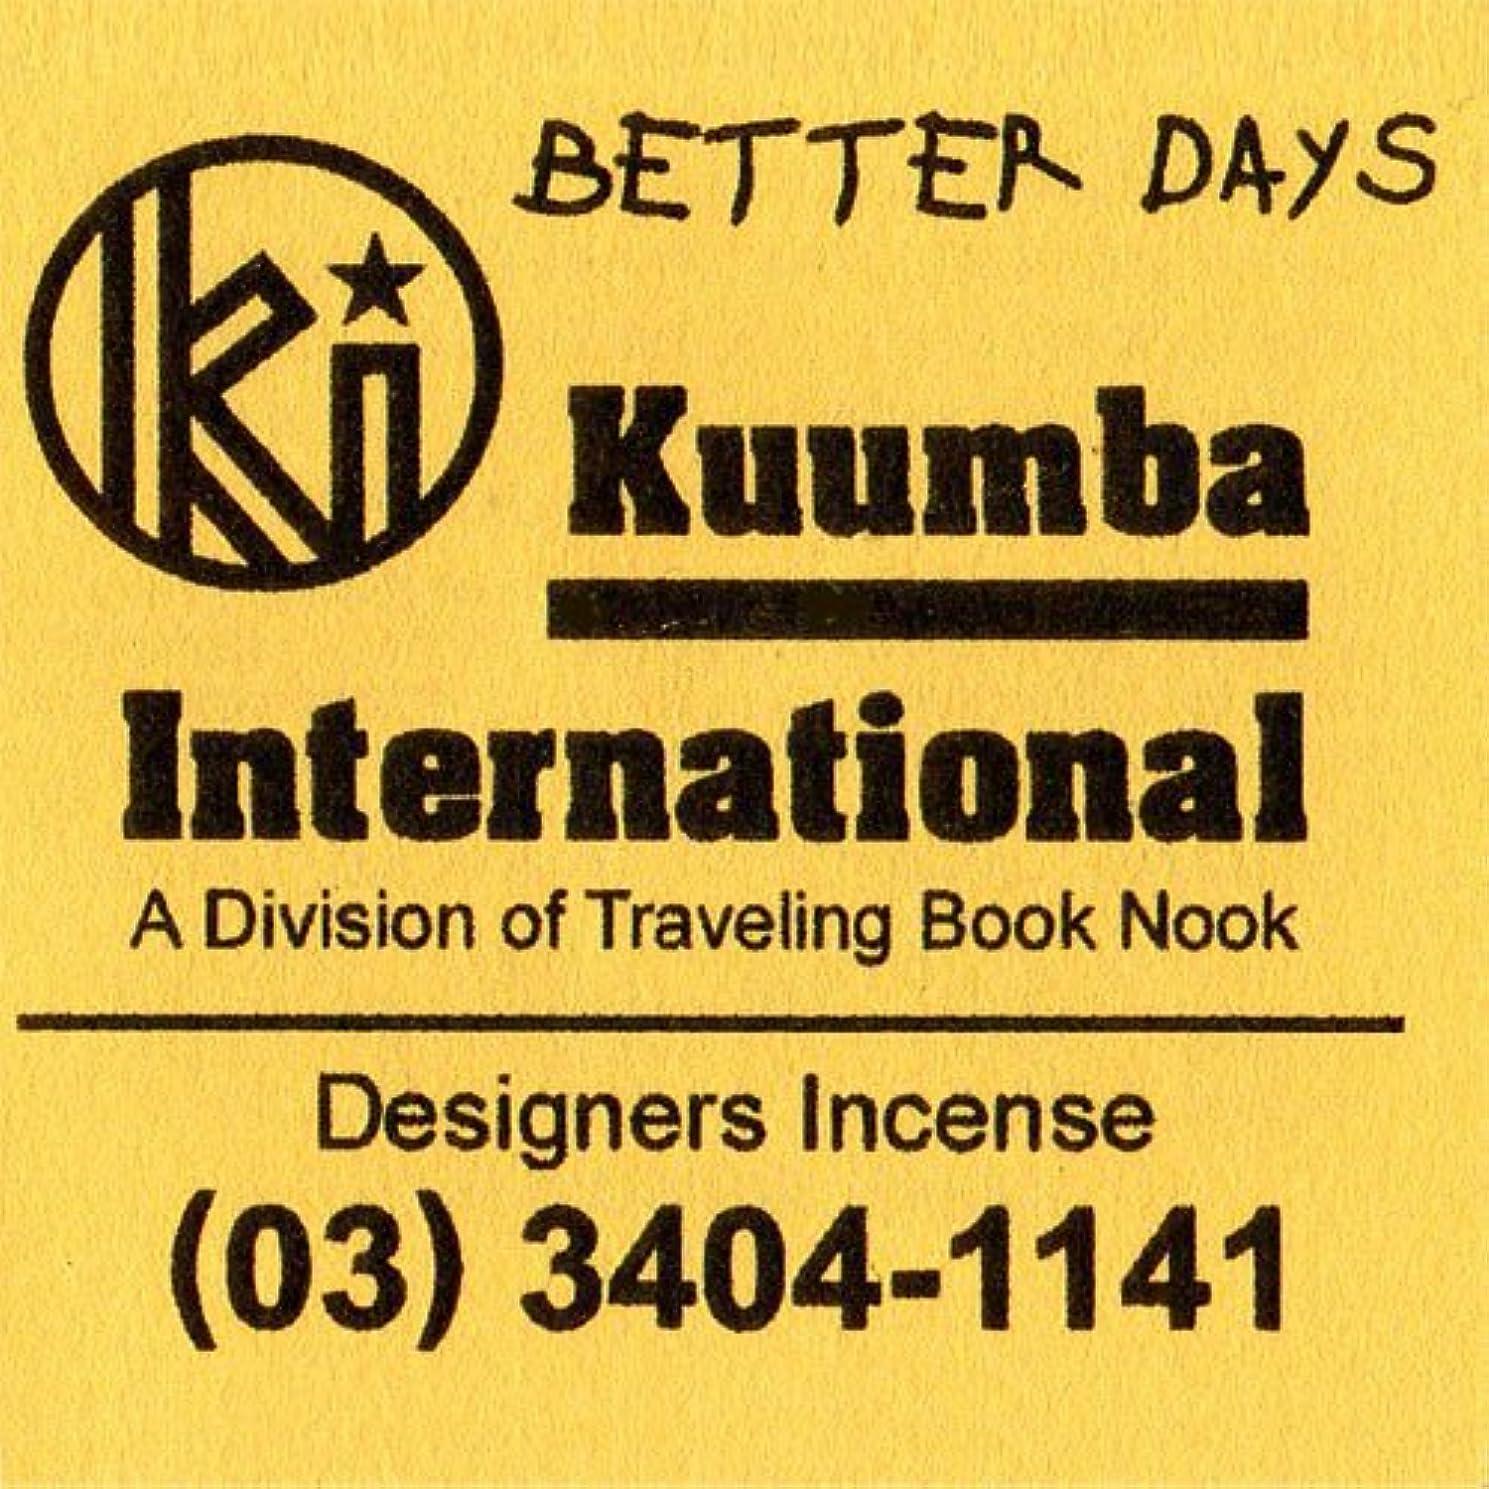 弱いシャイ身元KUUMBA/クンバ『incense』(BETTER DAYS) (Regular size)